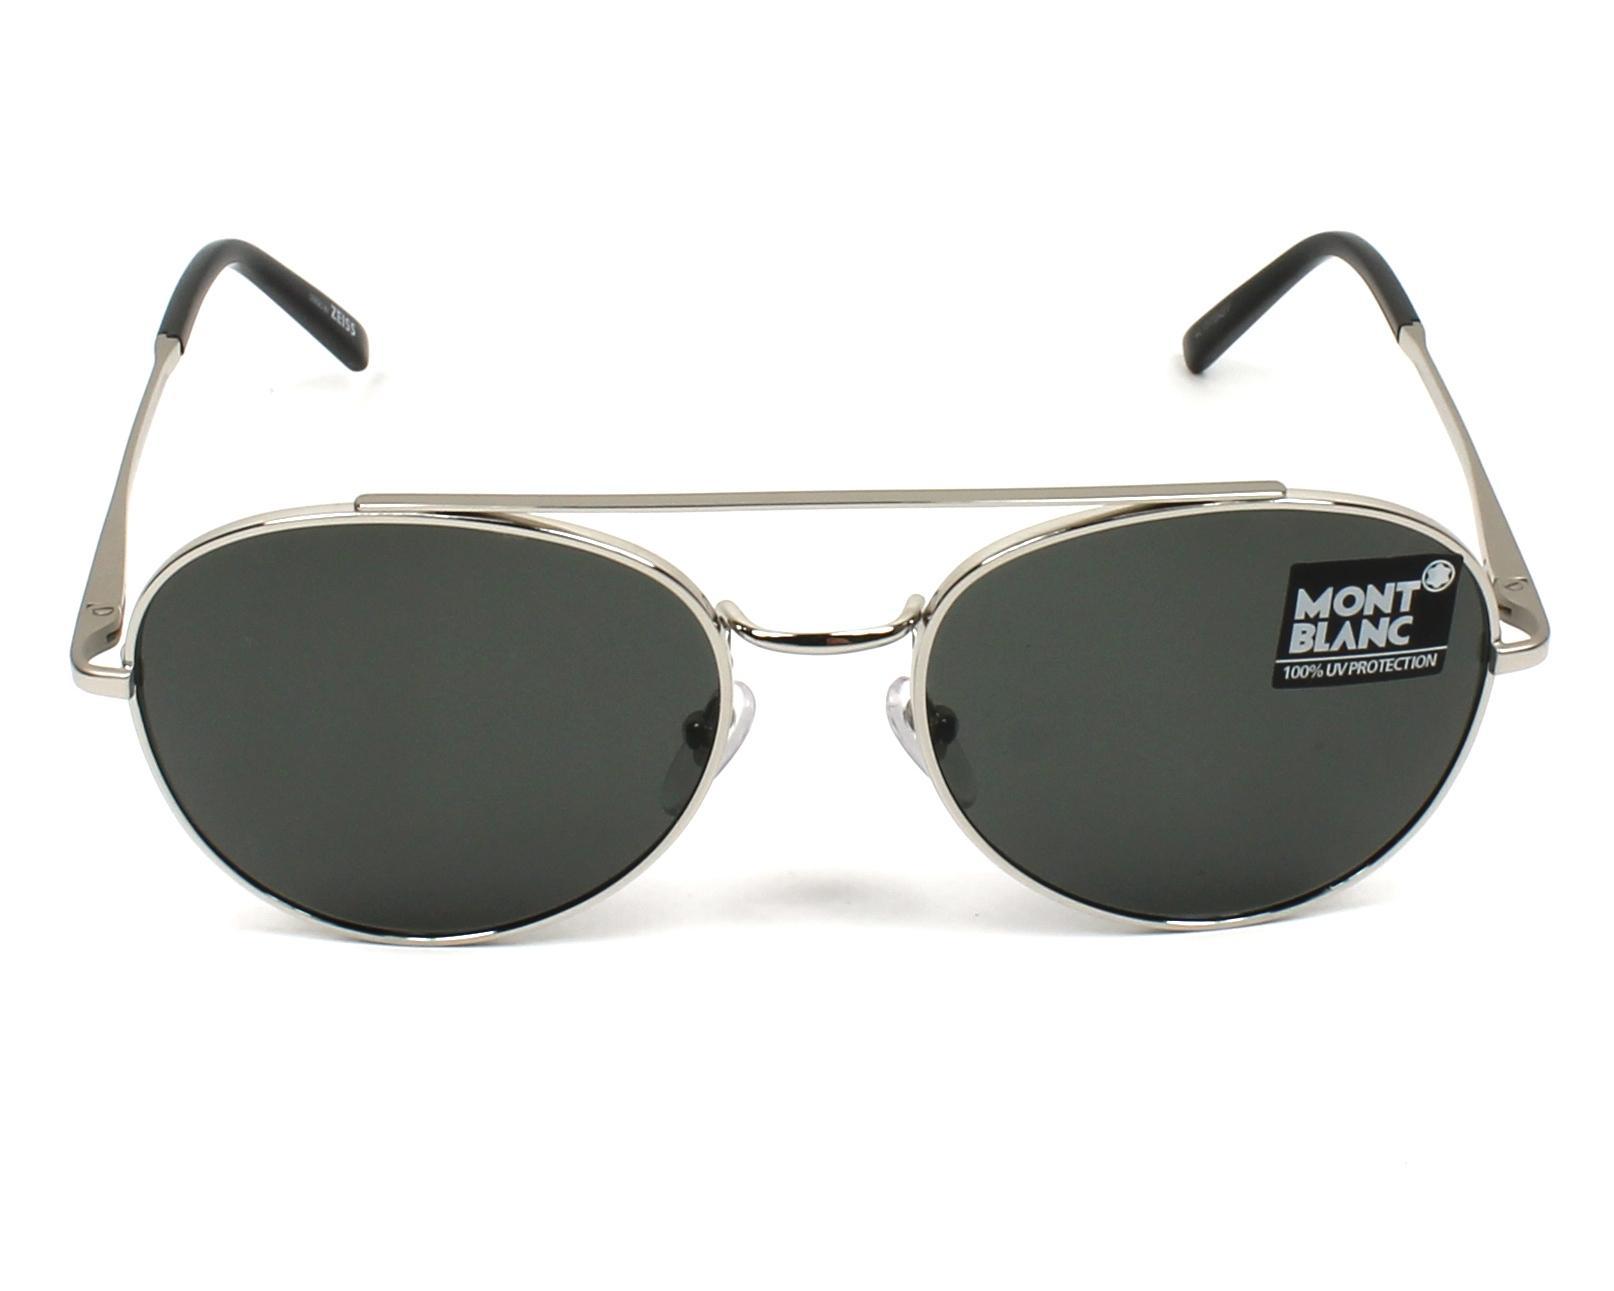 lunettes de soleil mont blanc mb 605 s 16d argent avec des verres gris. Black Bedroom Furniture Sets. Home Design Ideas